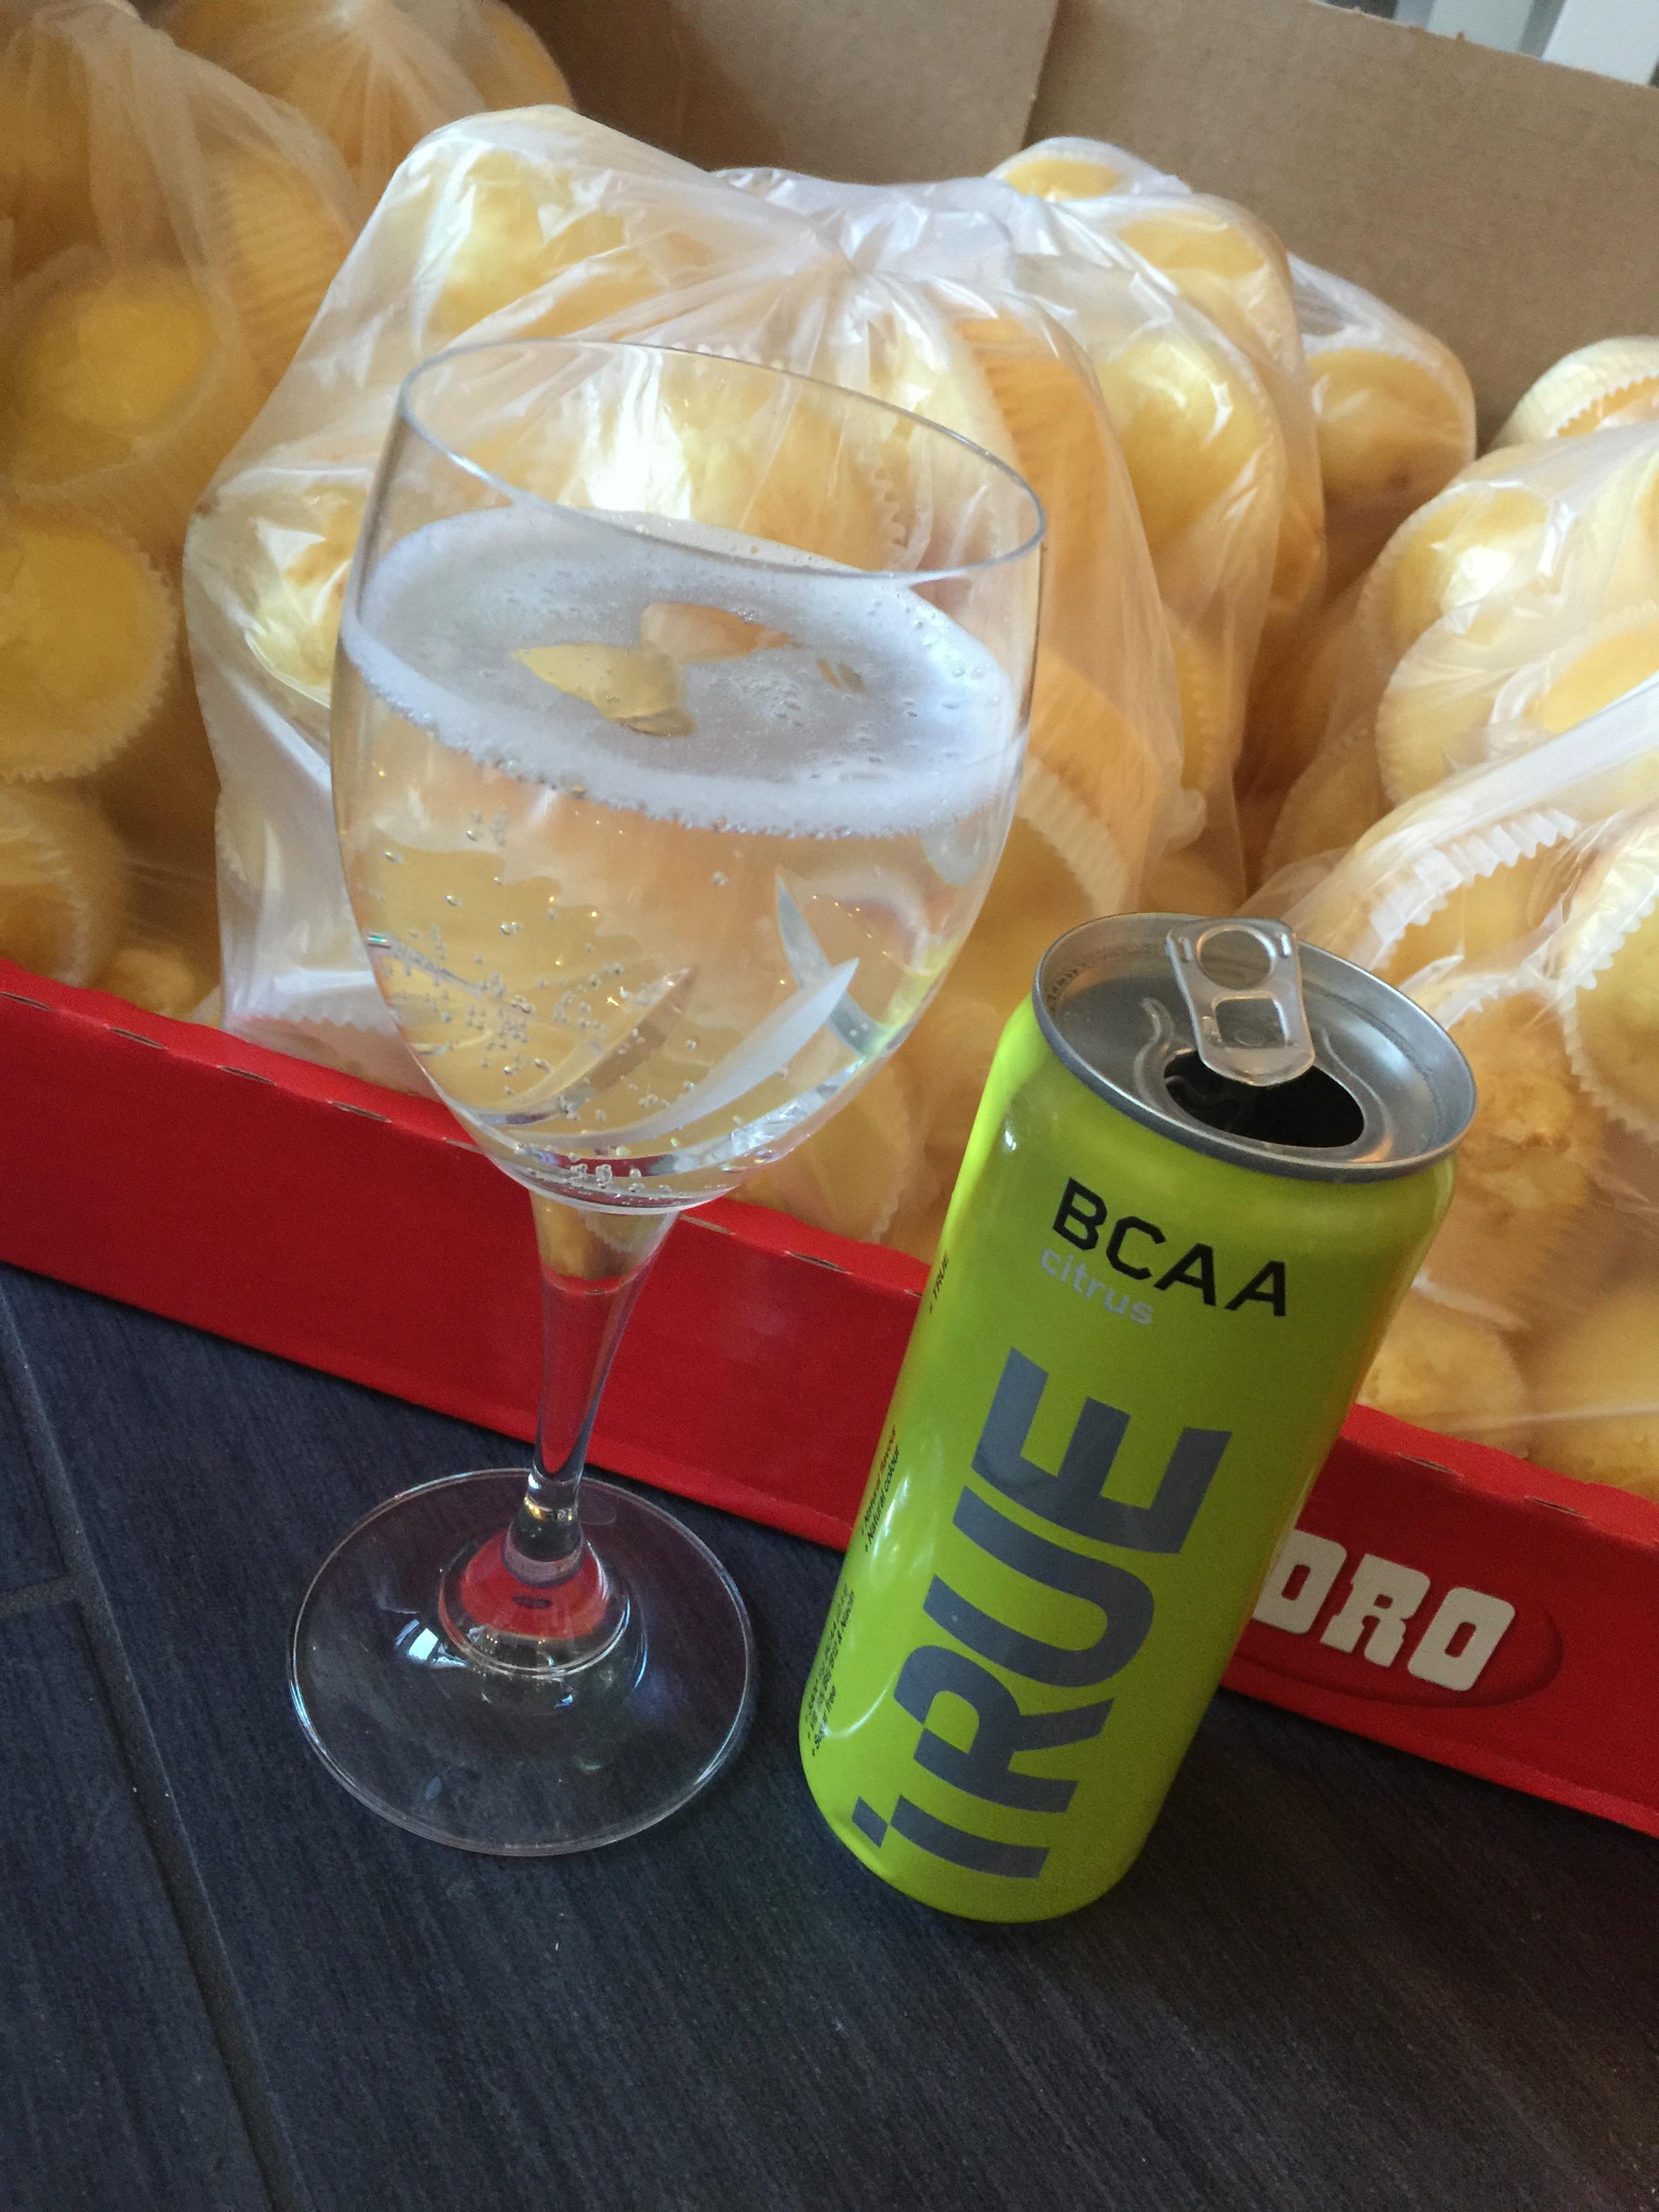 I mangel på vin er det deilig å vite at True aldri svikter meg :)